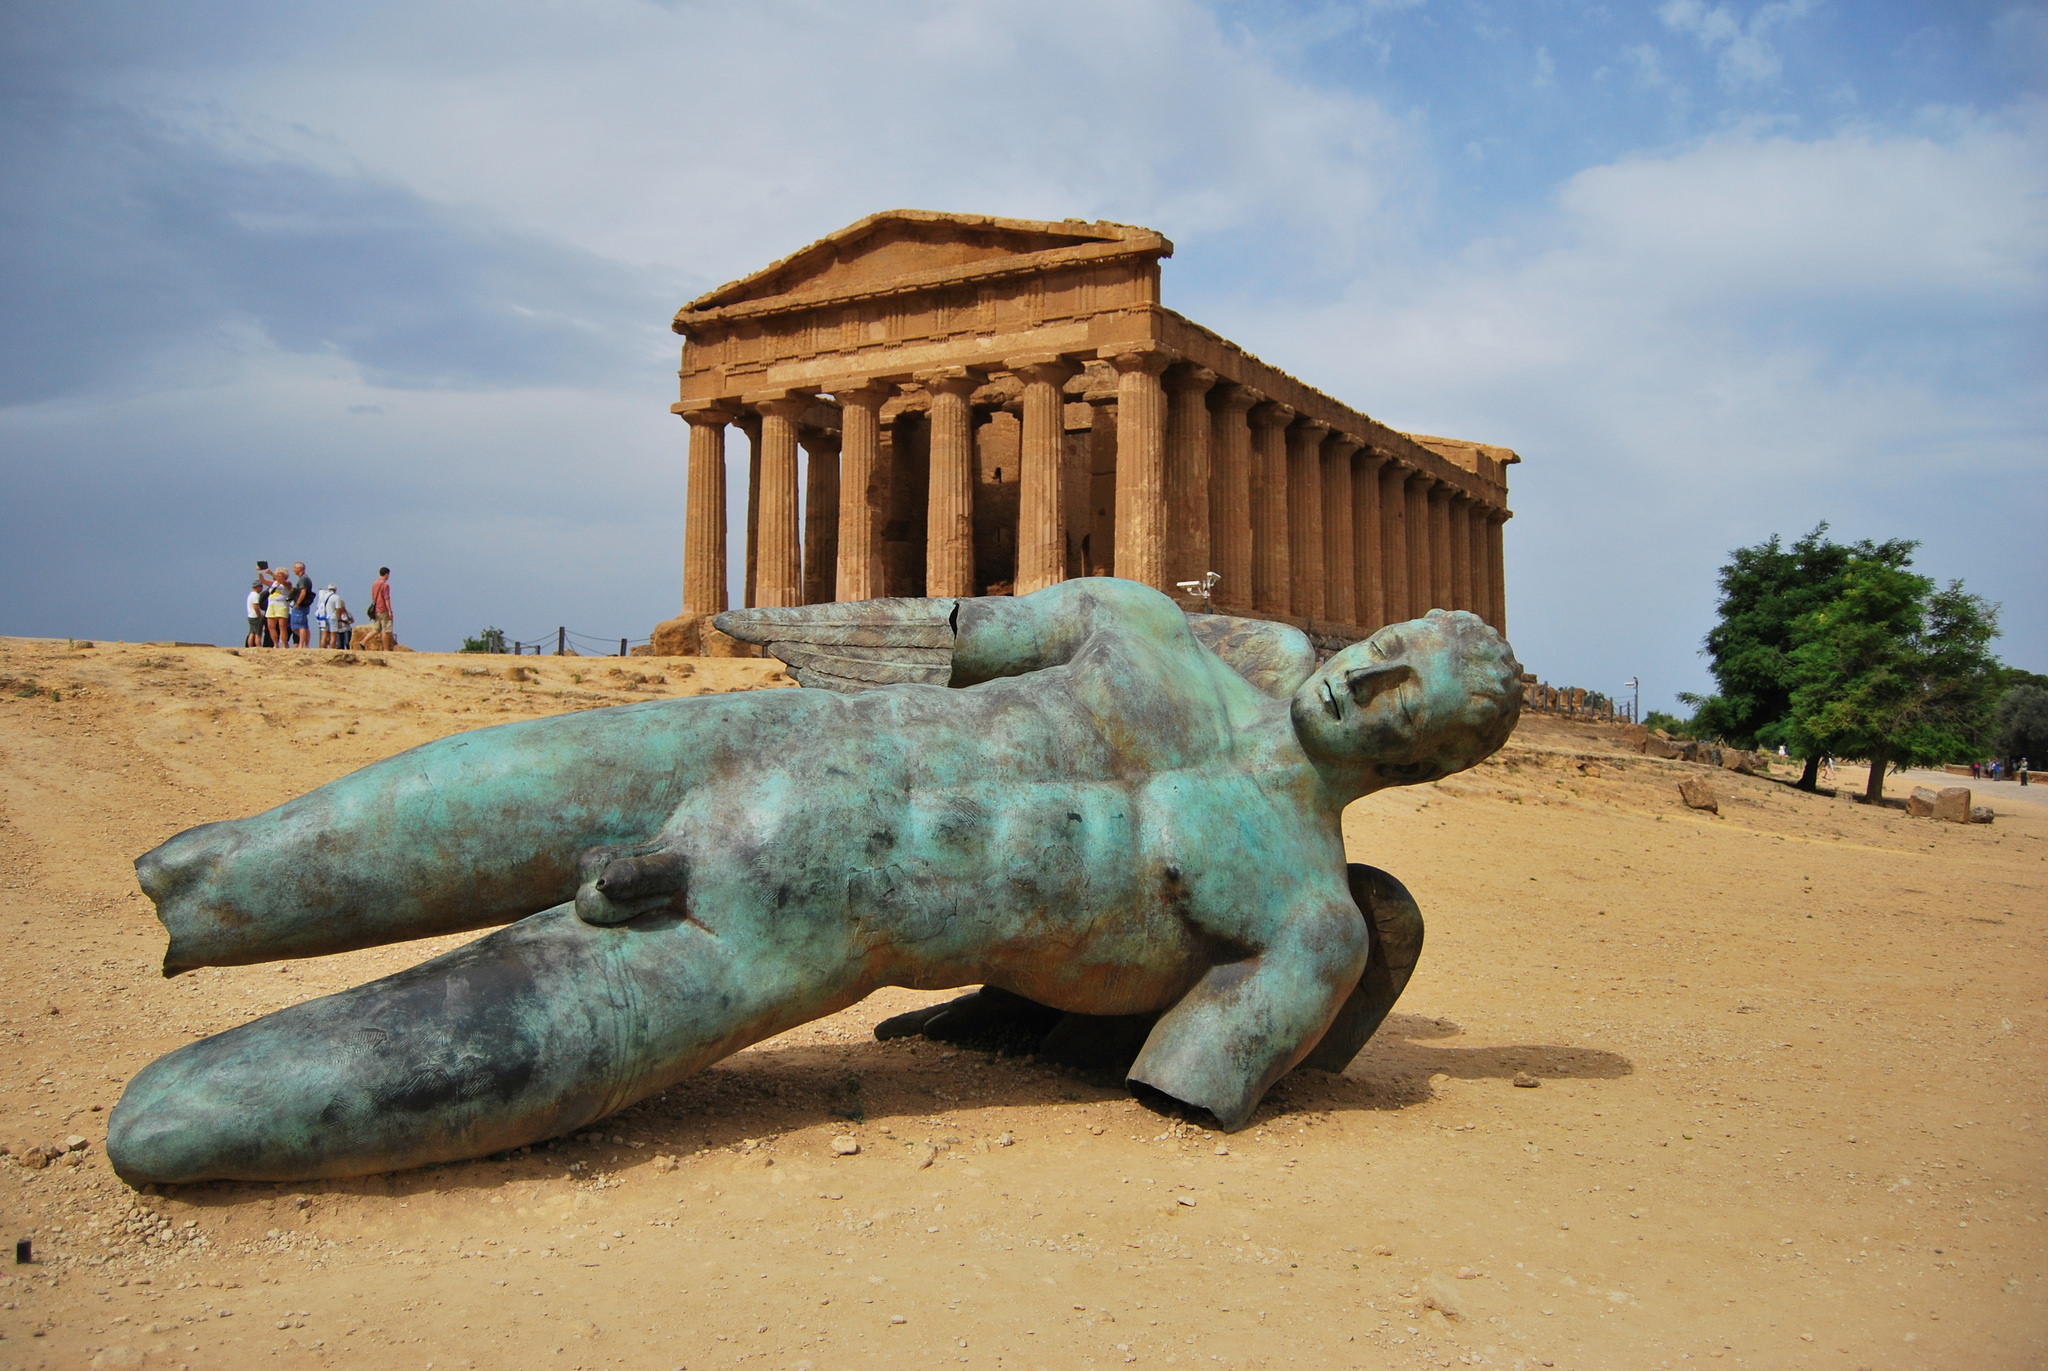 patrimonio artistico, migliori musei, opere d'arte